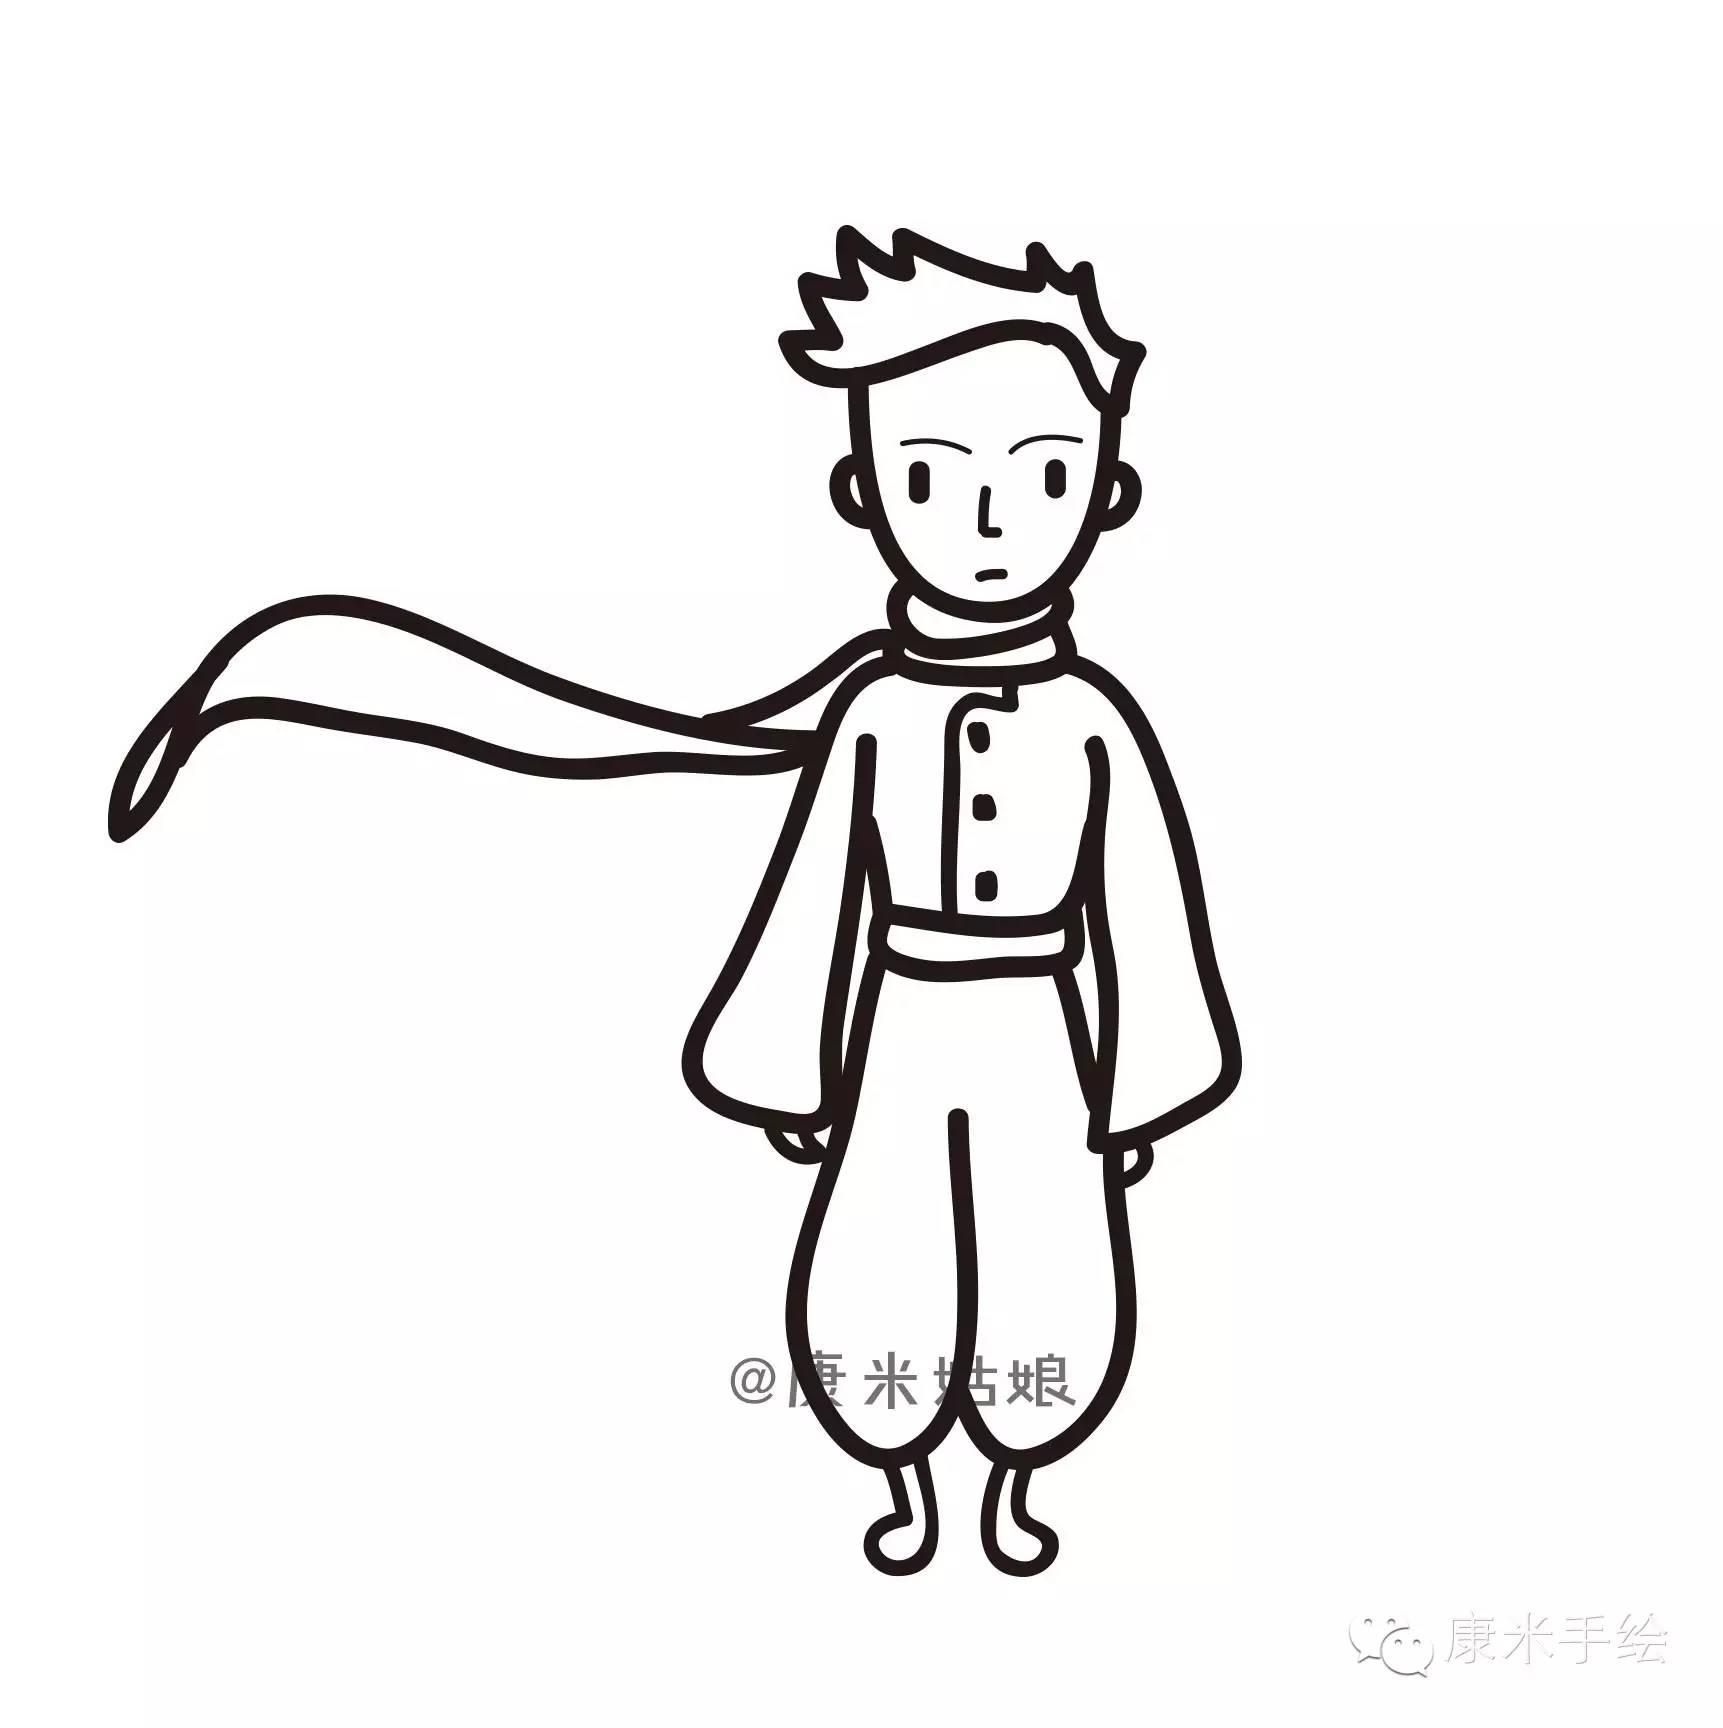 简笔画 教你快速学会画可爱的小王子